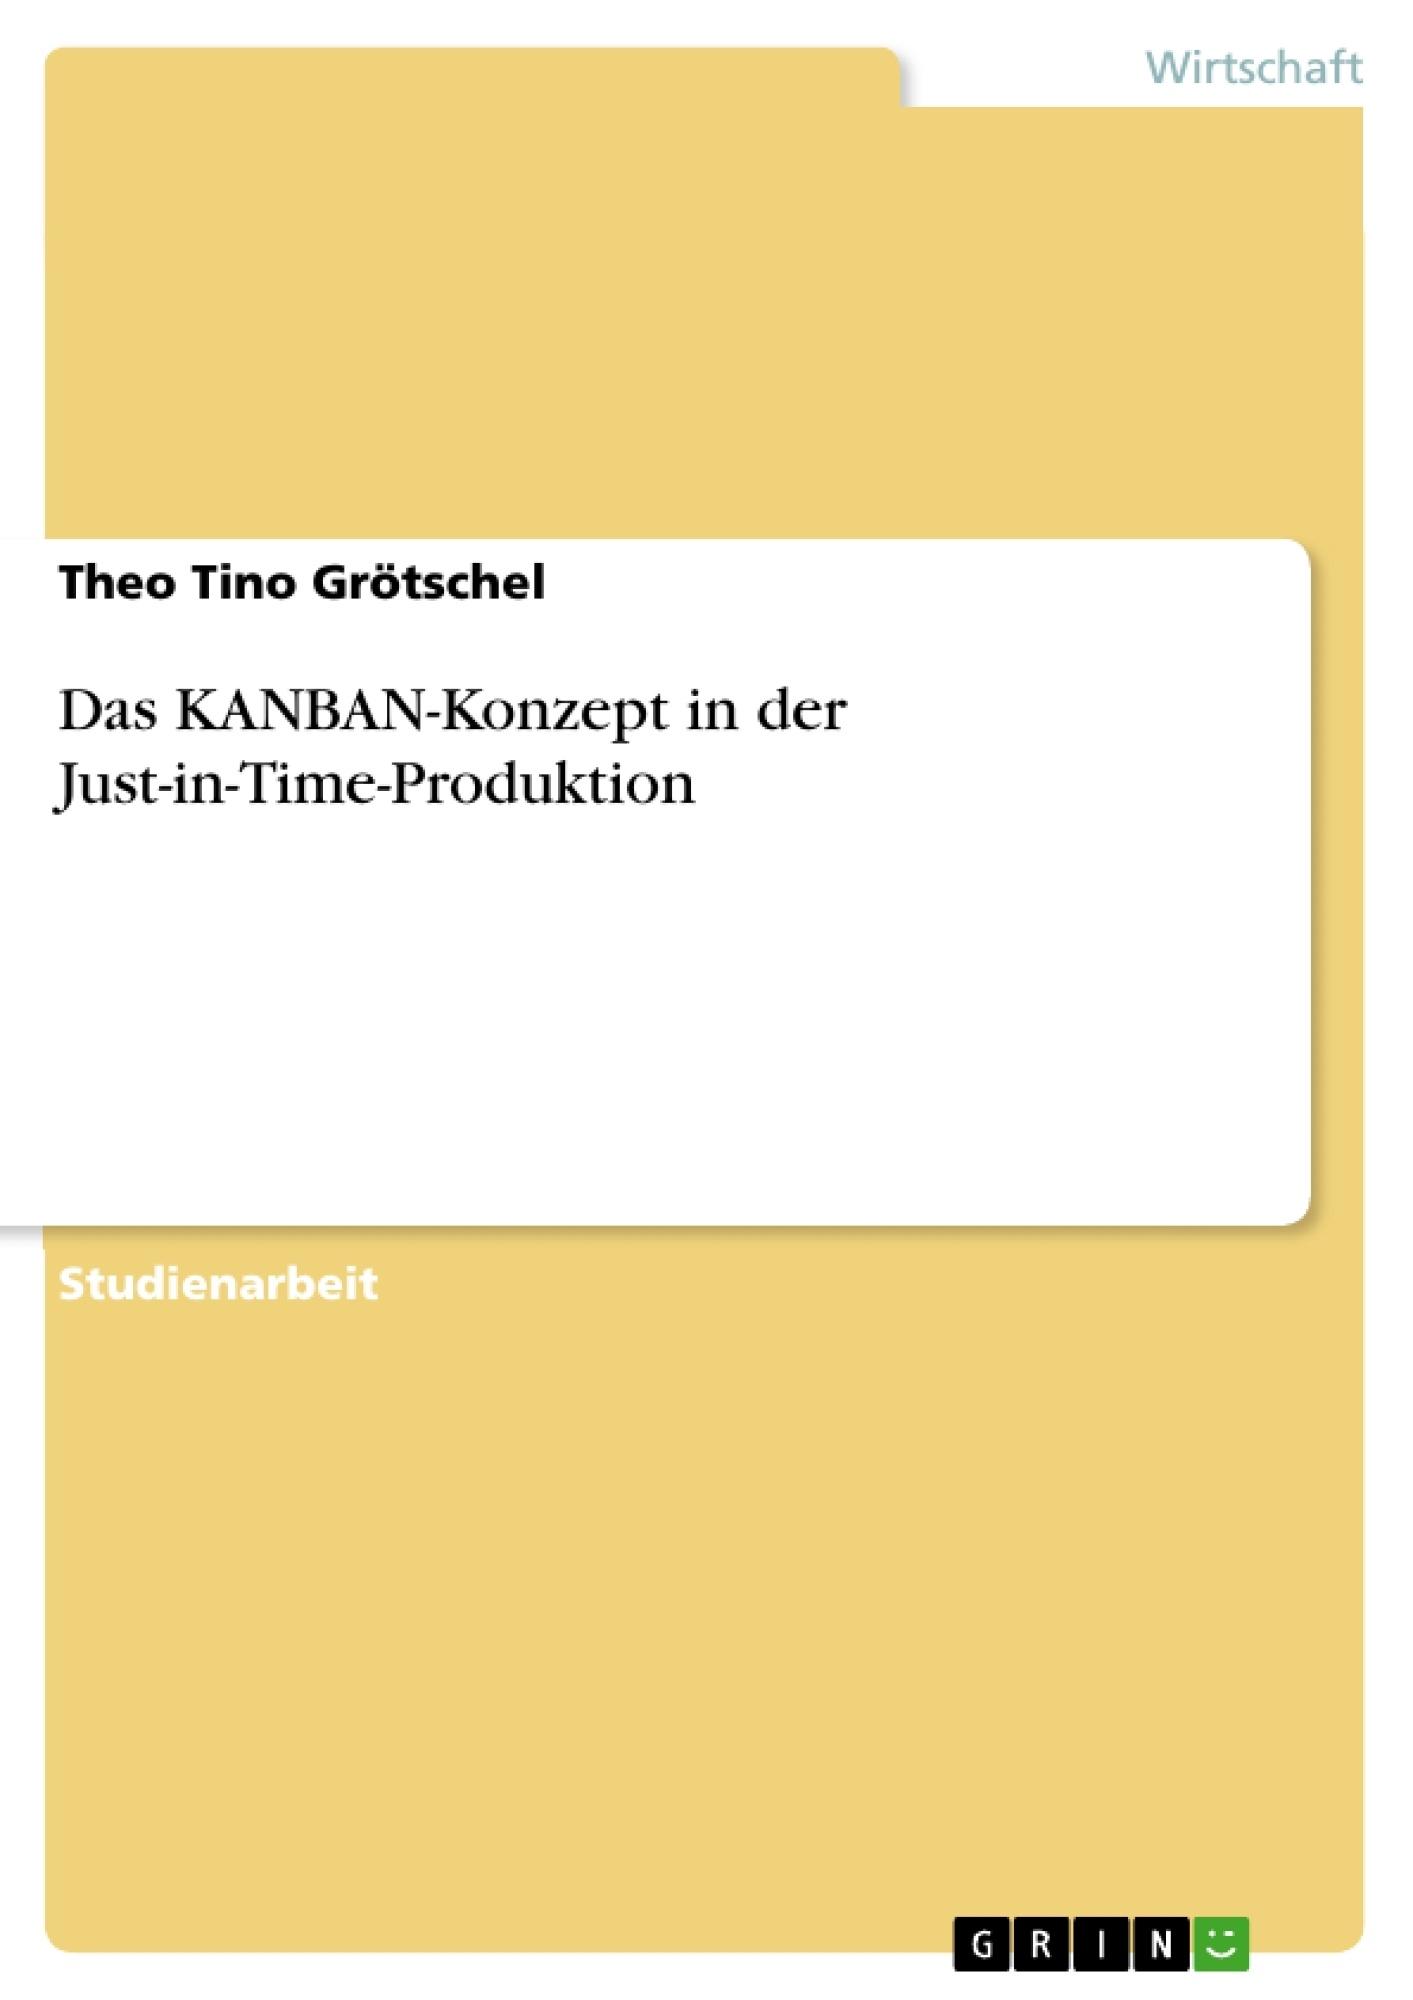 Titel: Das KANBAN-Konzept in der Just-in-Time-Produktion